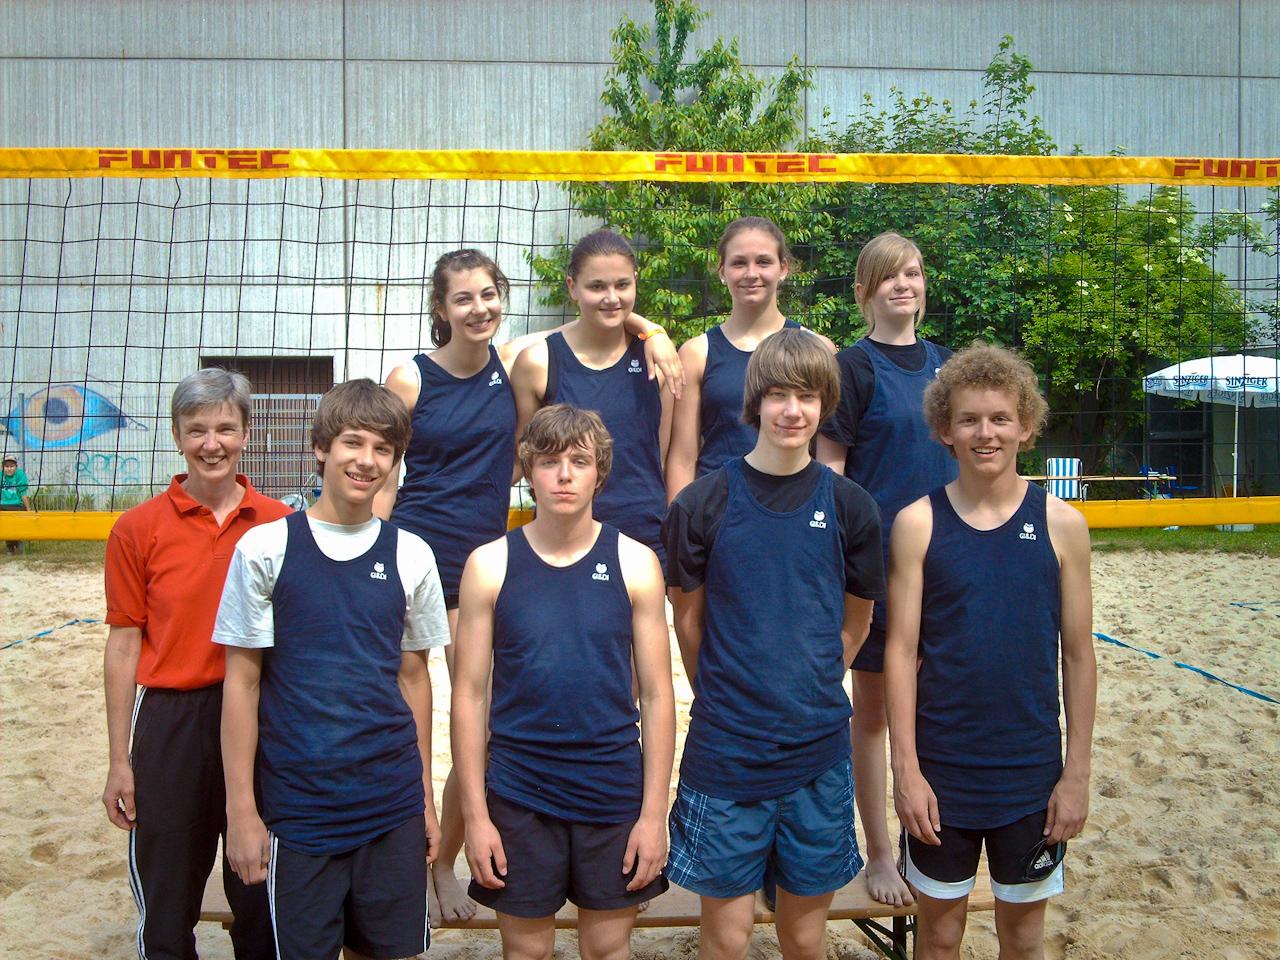 Beach-Volleyballer des Rhein-Gymnasiums gewinnen den Regionalentscheid